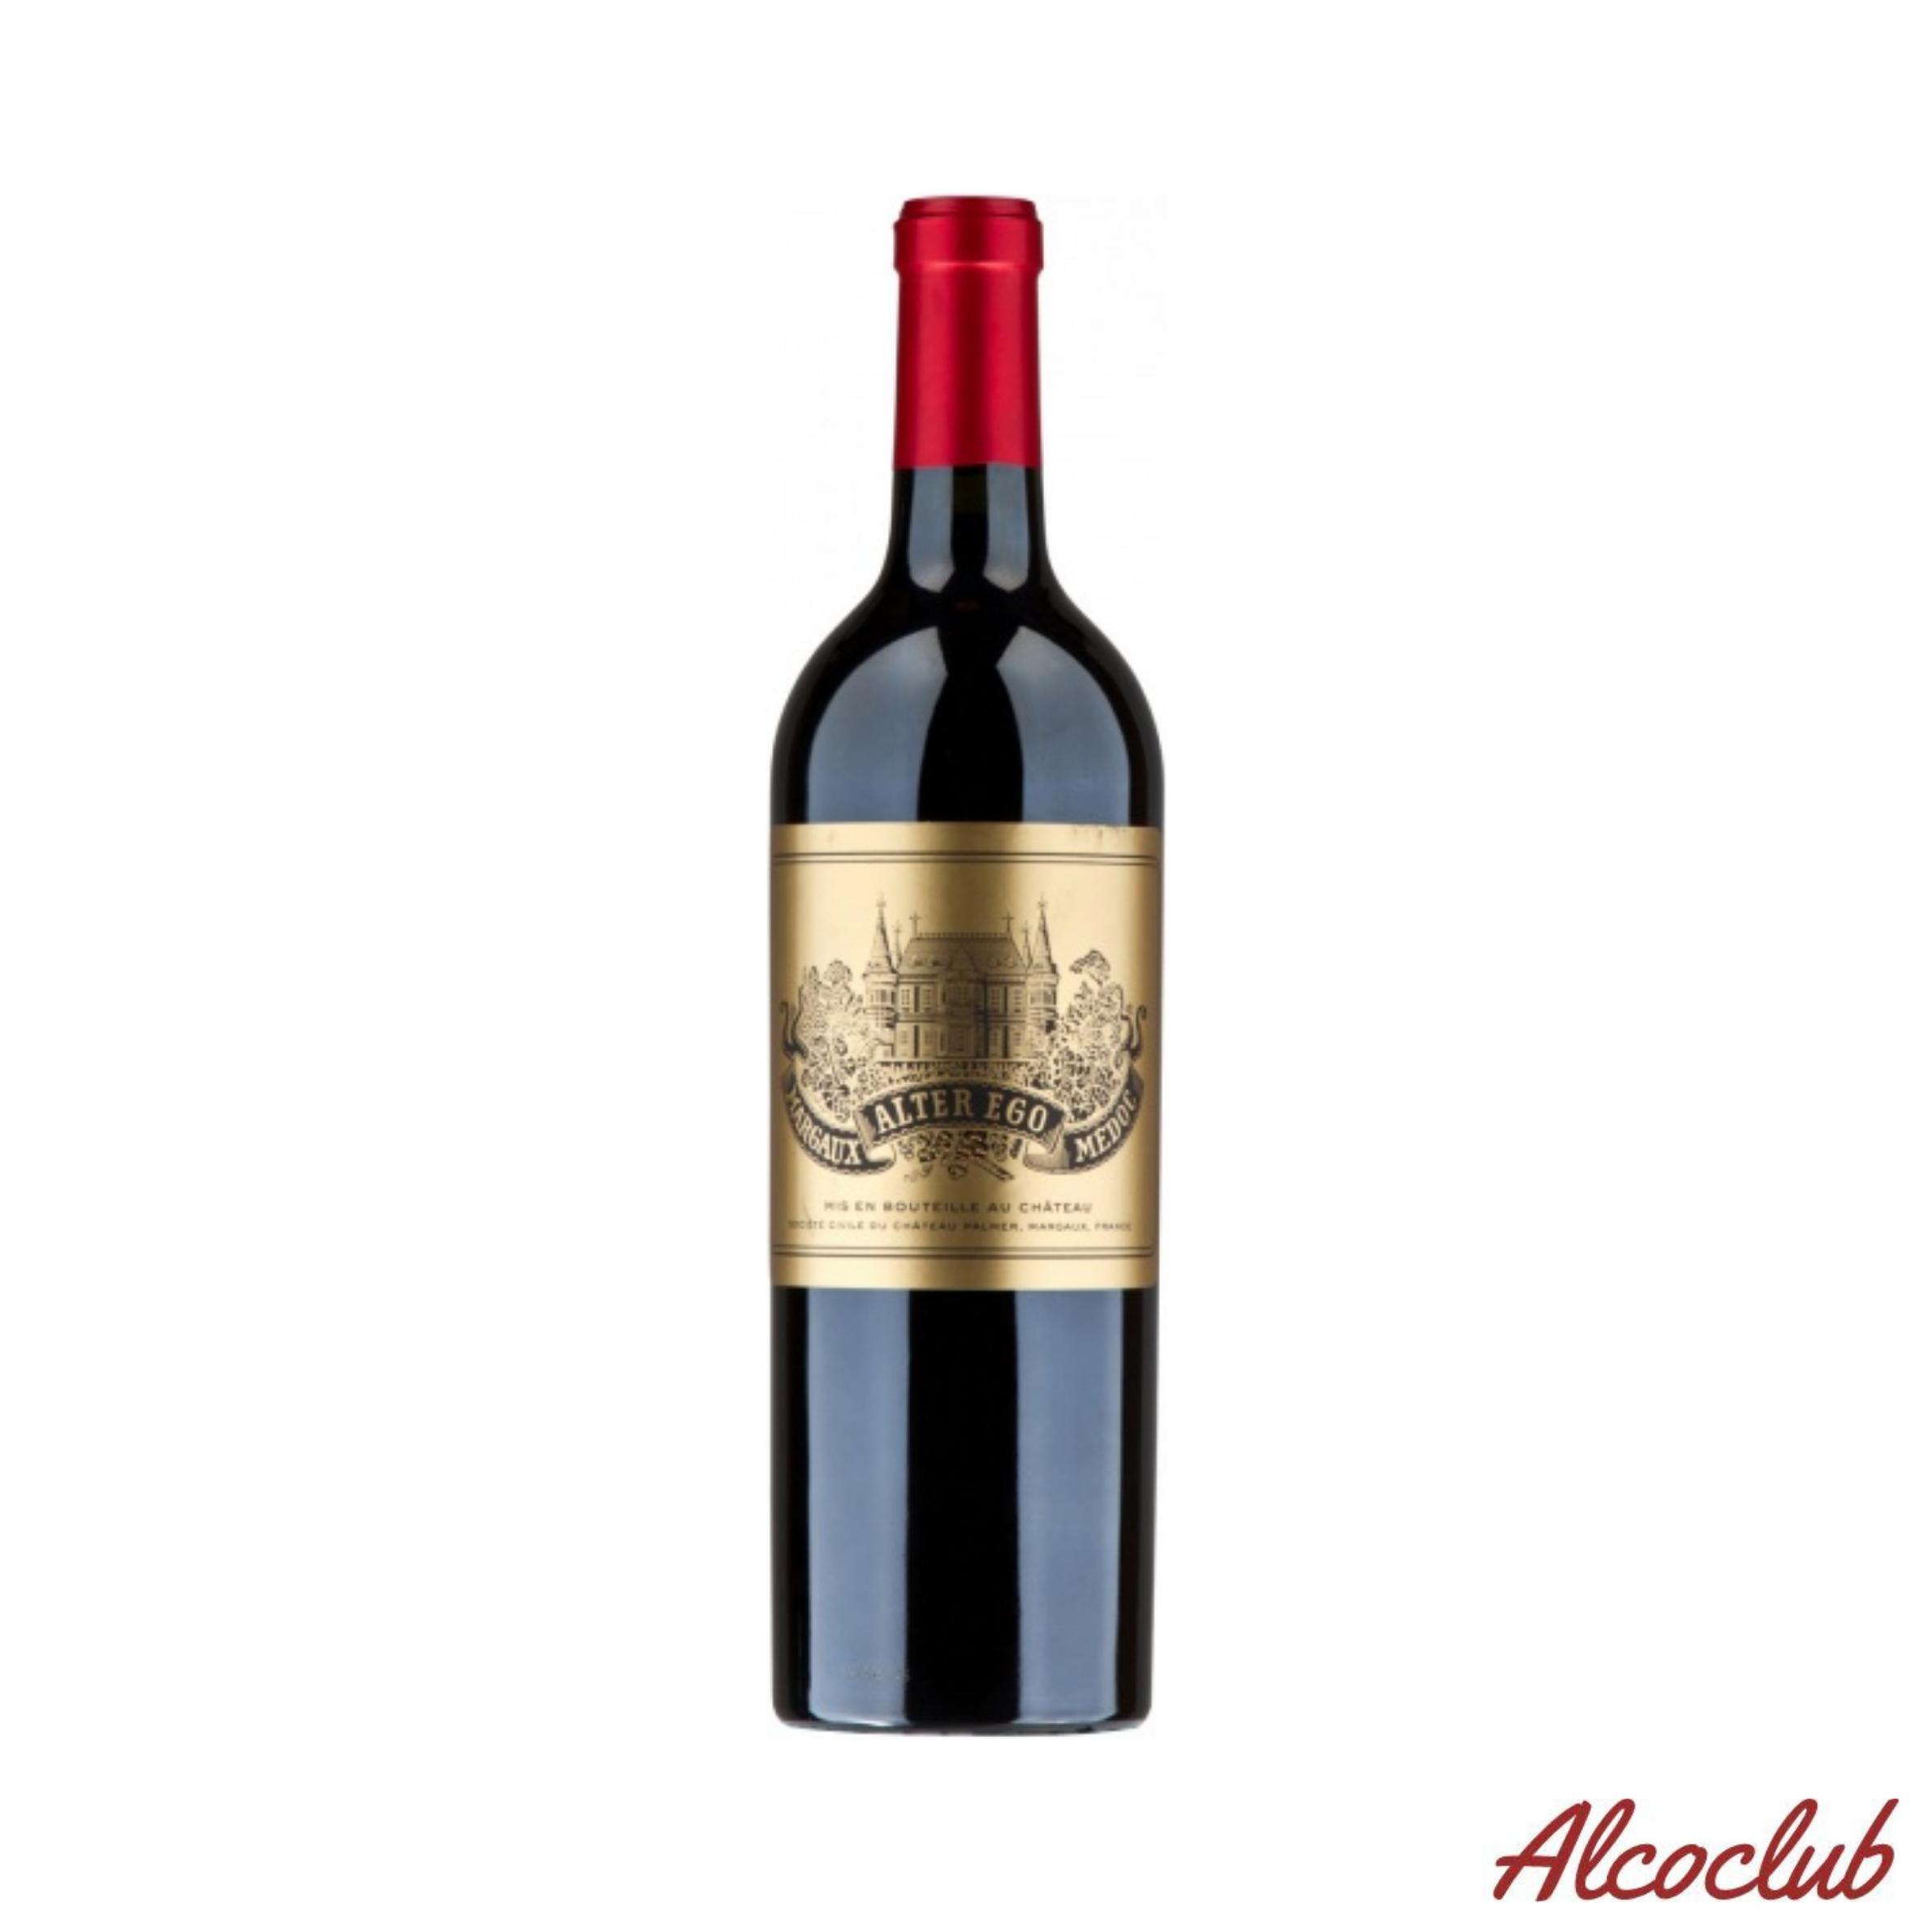 Купить с доставкой вино Alter Ego de Palmer (Ch Palmer) Margaux 2015 Франция